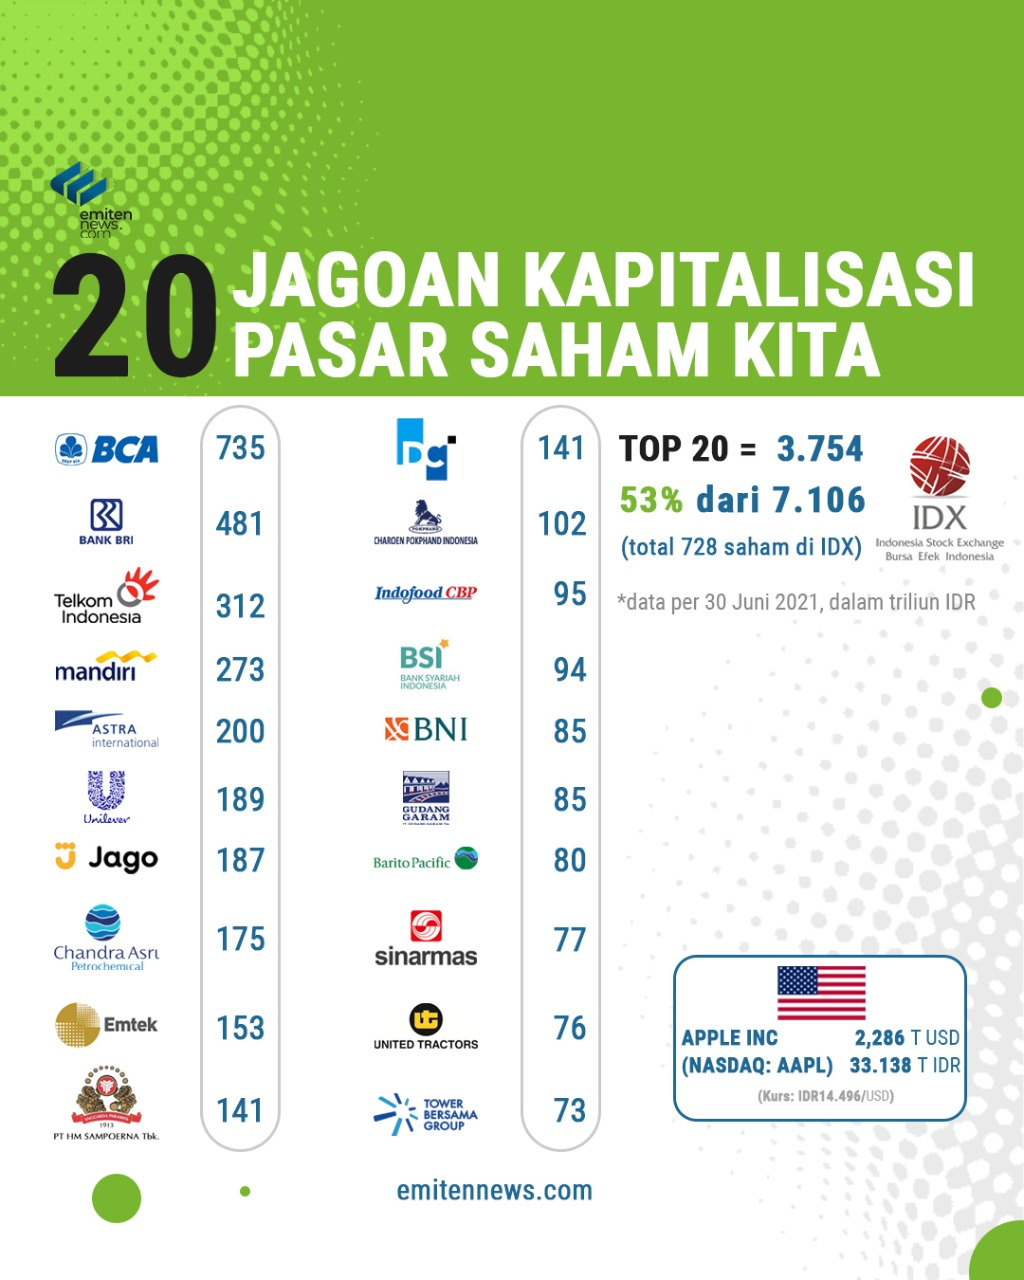 20 Jagoan Kapitalisasi Pasar Saham Indonesia